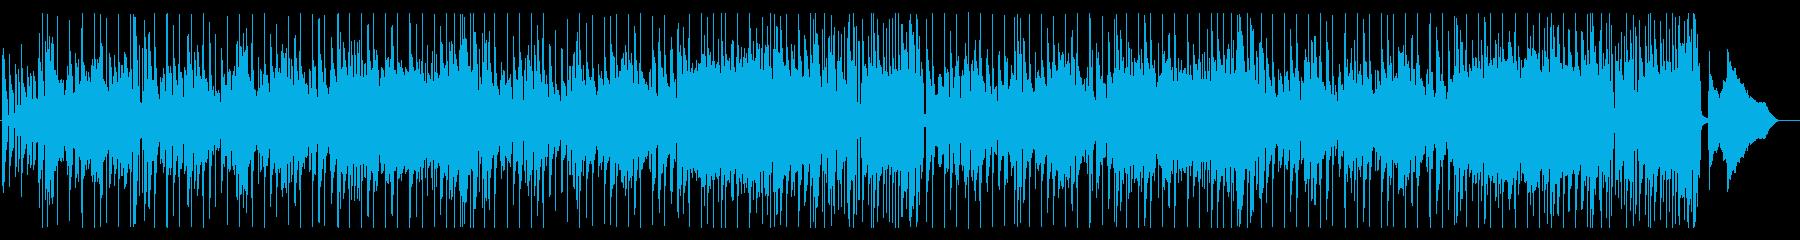 ダンディでクールな雰囲気のスローファンクの再生済みの波形